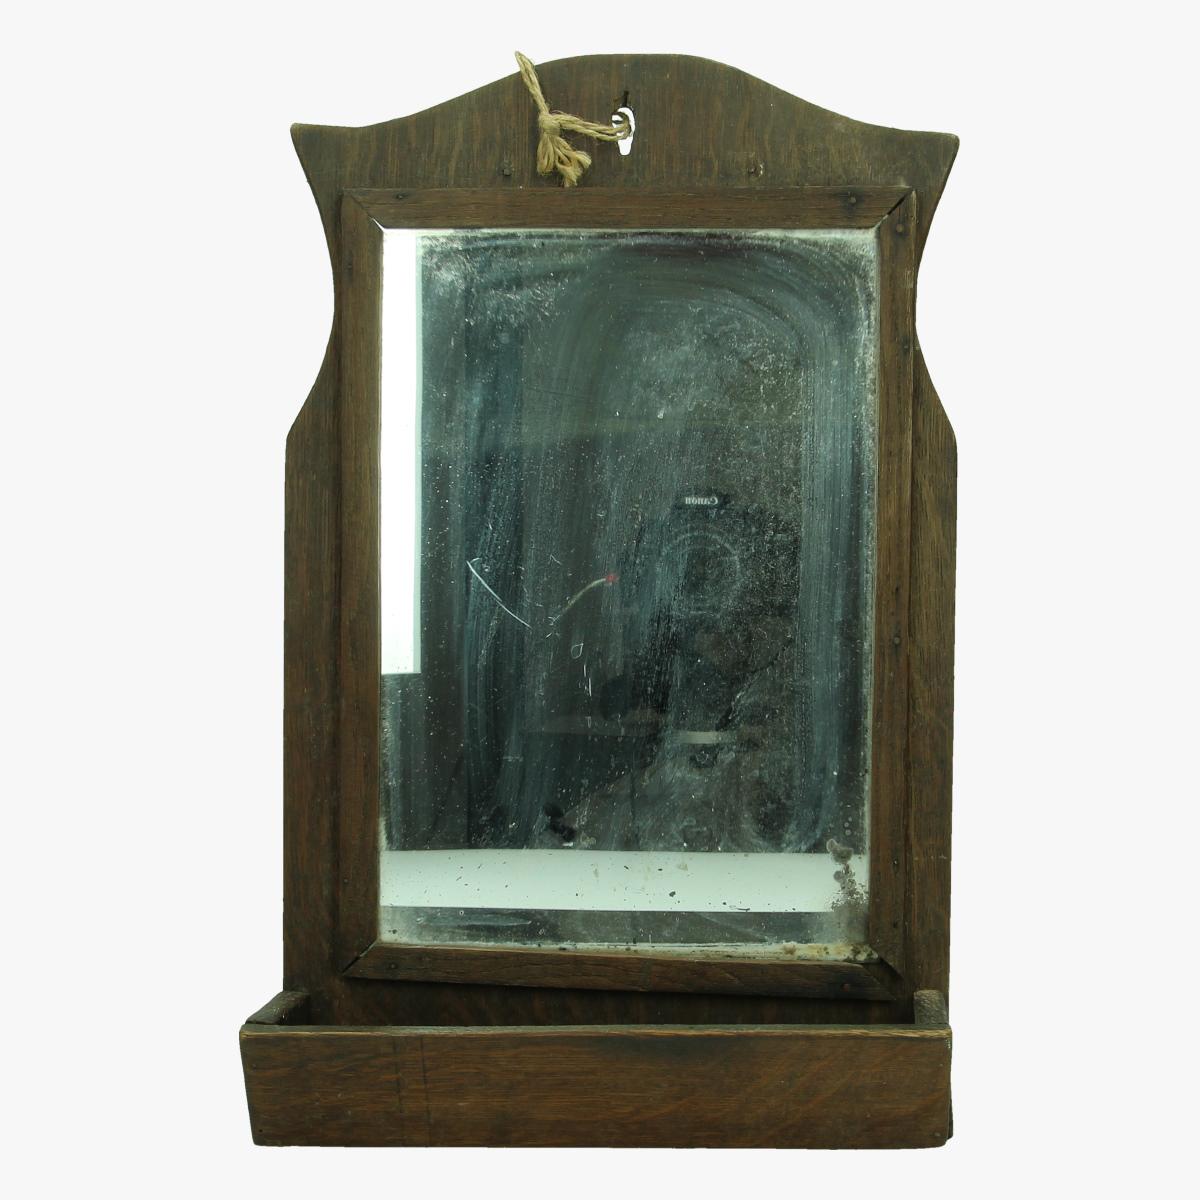 Afbeeldingen van oude spiegel met schap 40 op 25 cm